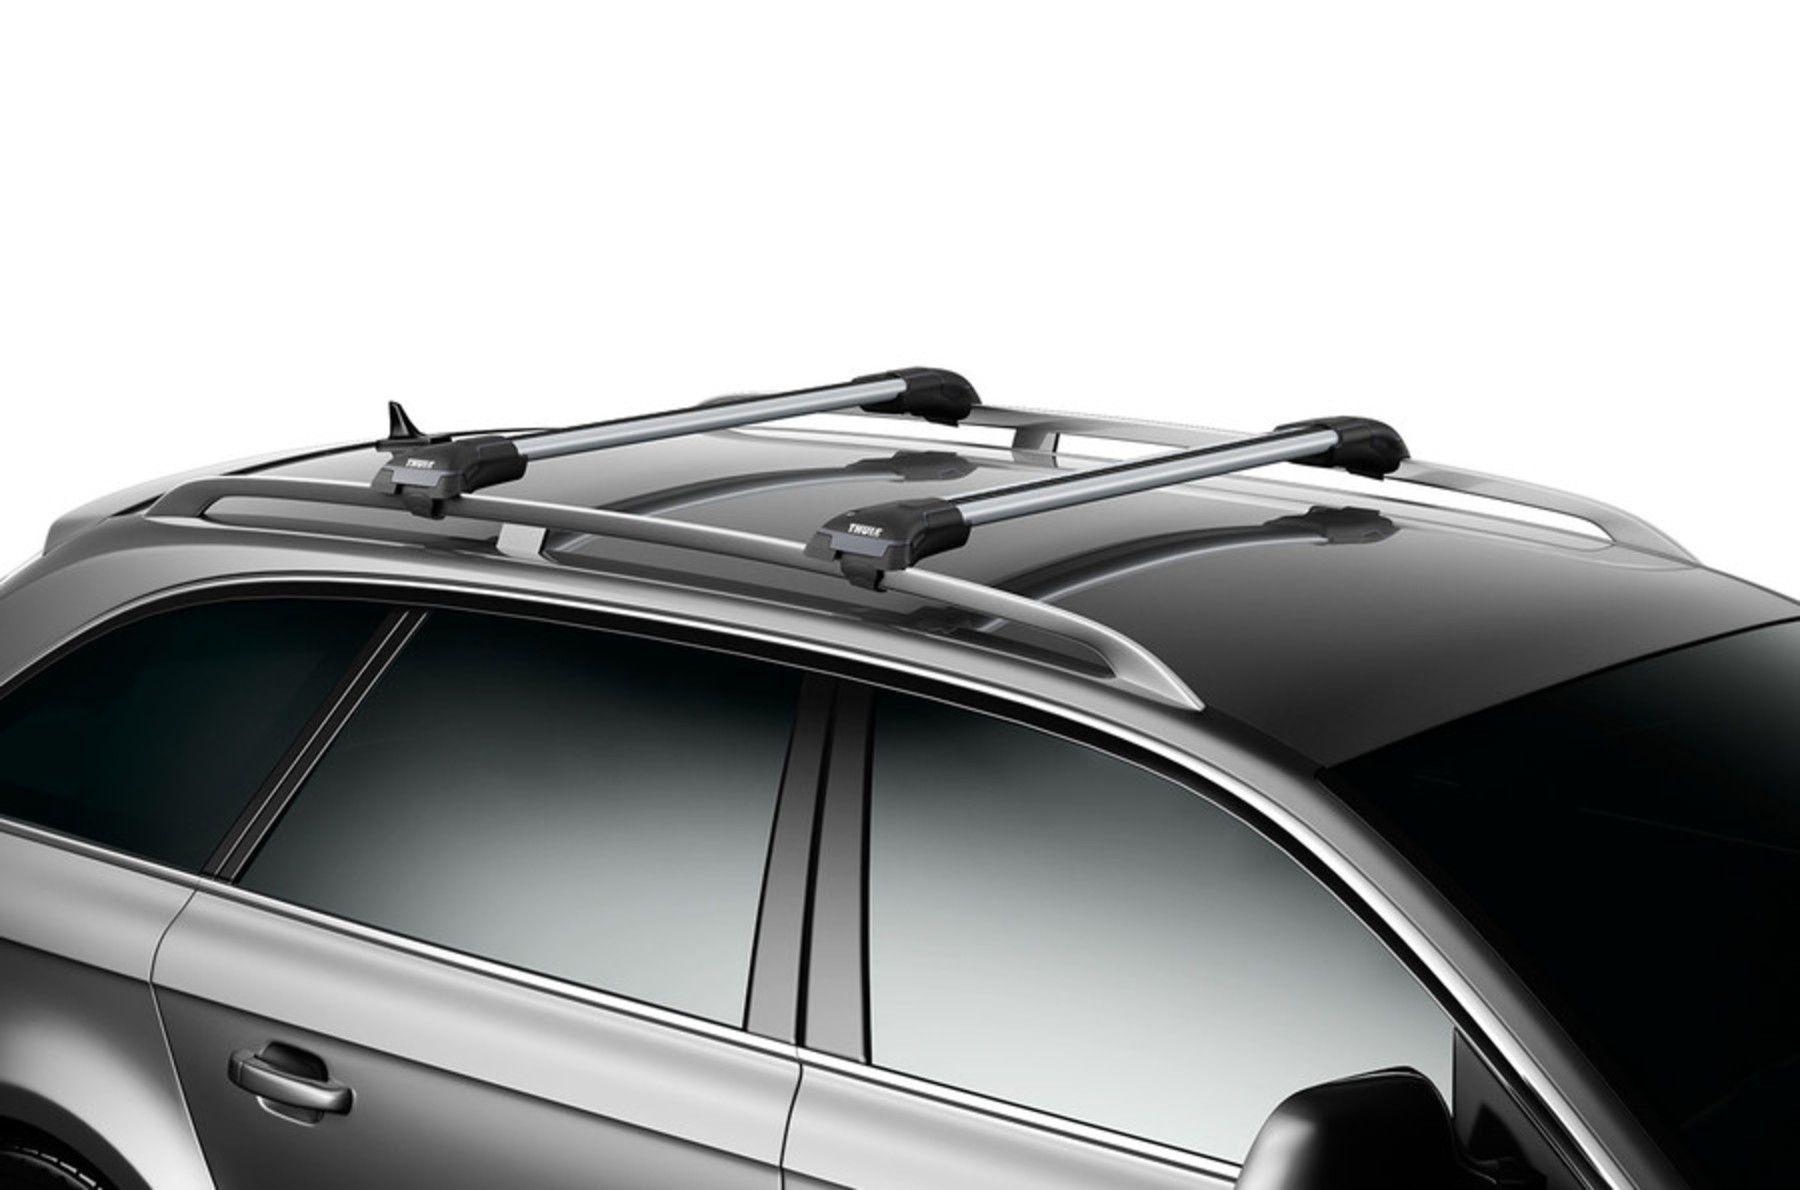 Thule Aeroblade Edge 750x Car Roof Racks Thule Roof Rack Roof Rack